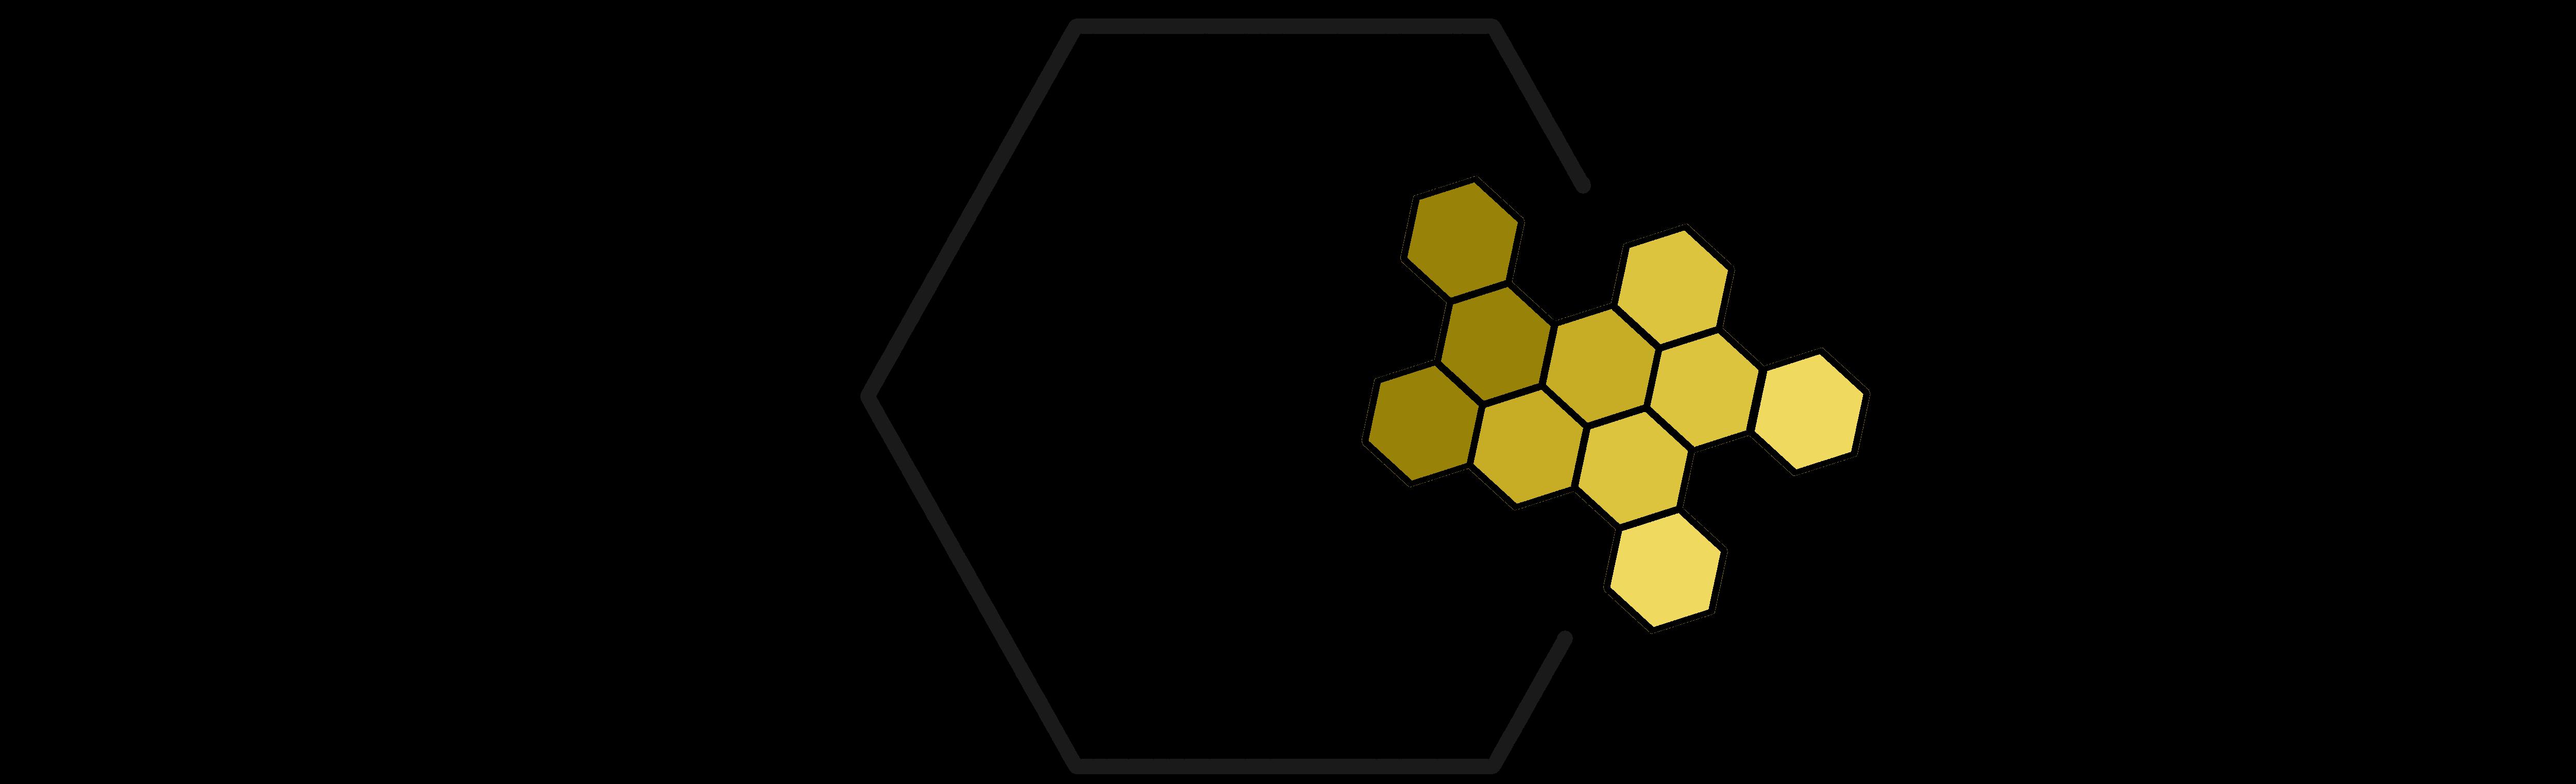 The Kind Hive